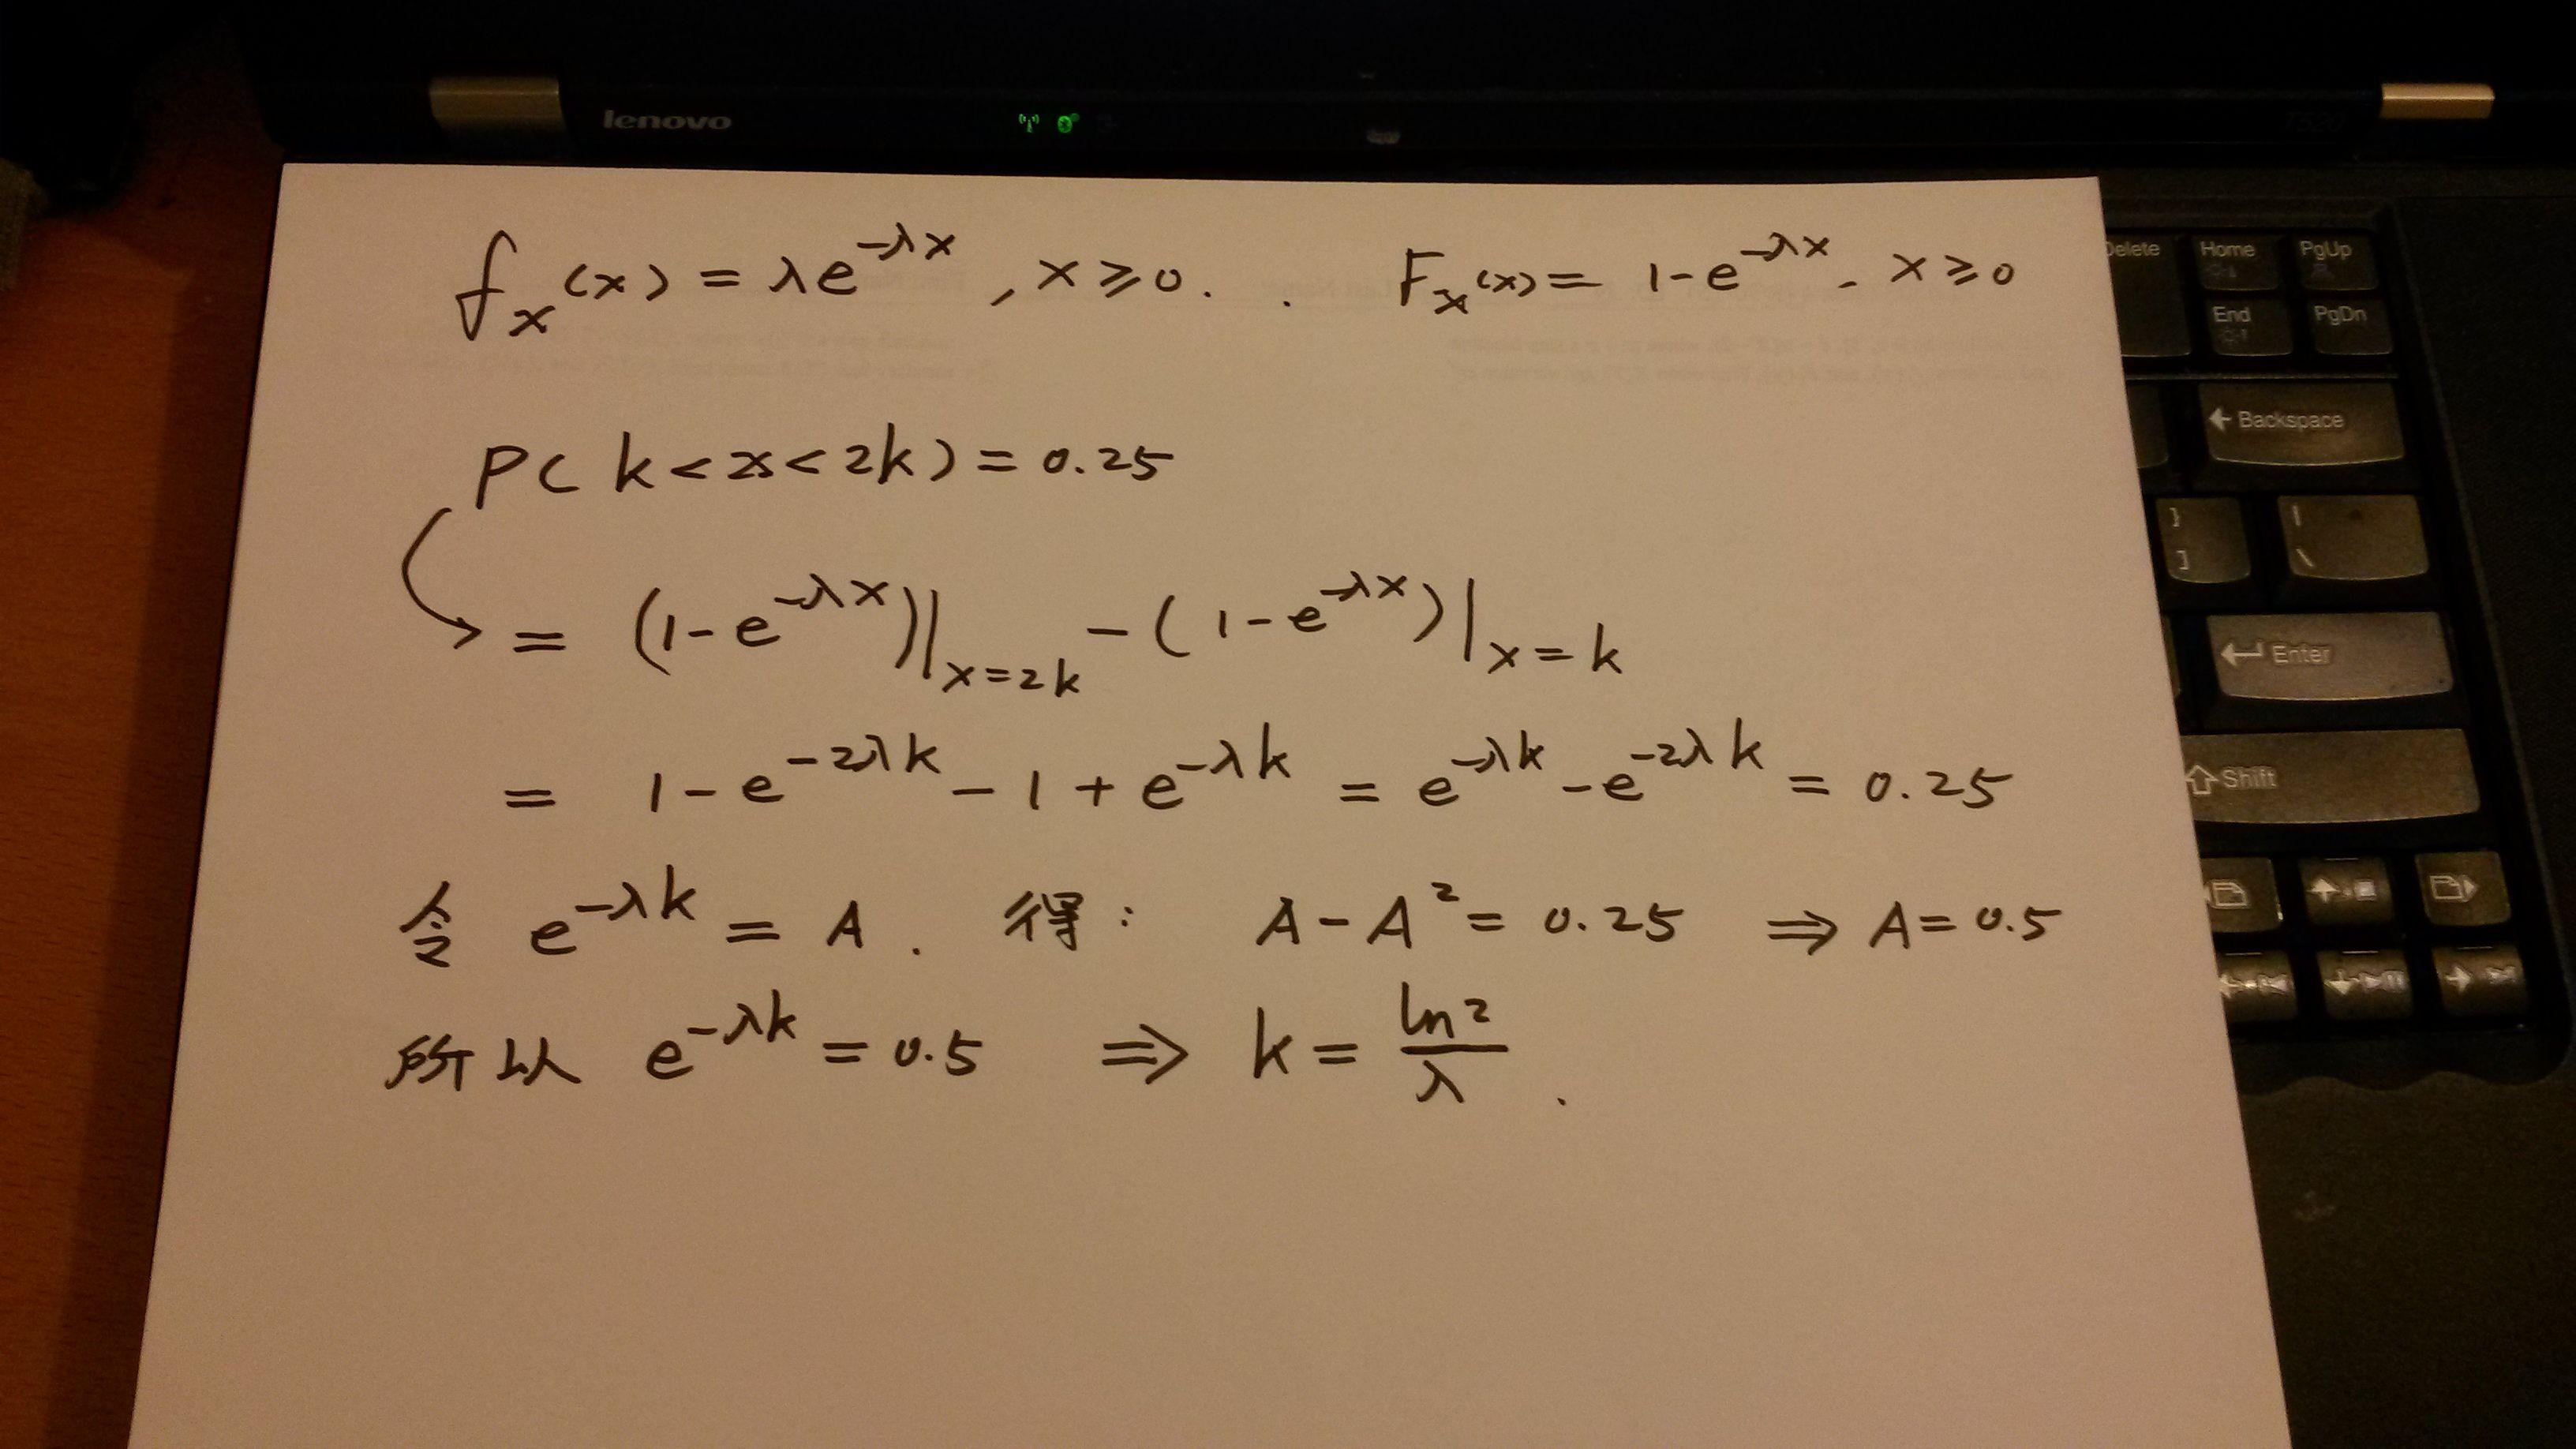 设随机变量x服从以r,p